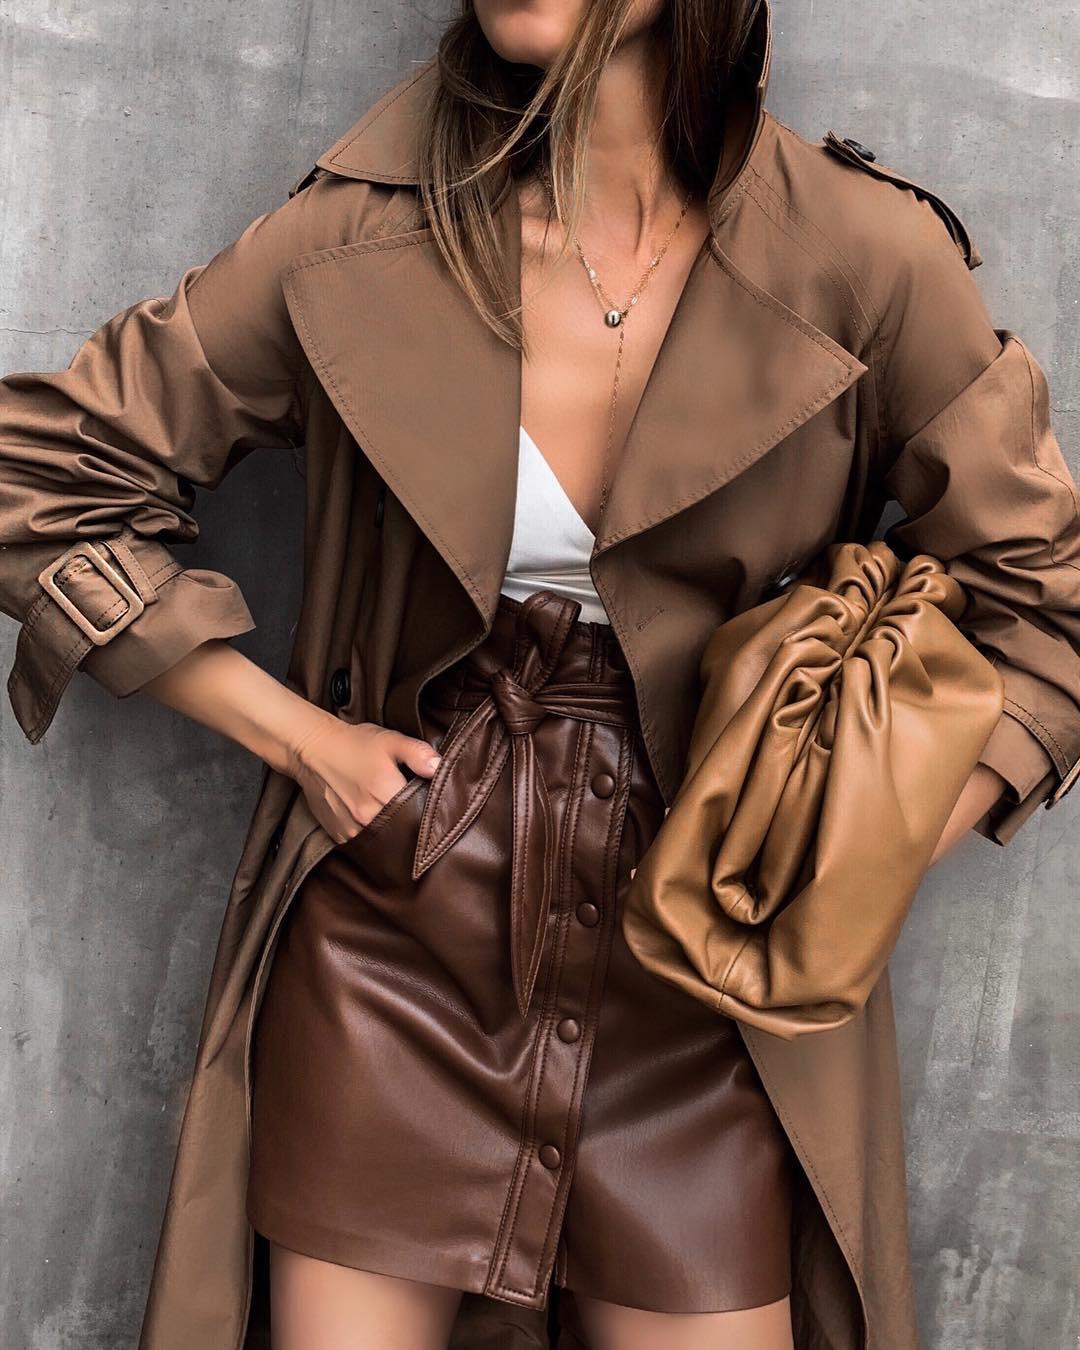 модные осенние образы в коричневом цвете фото 11